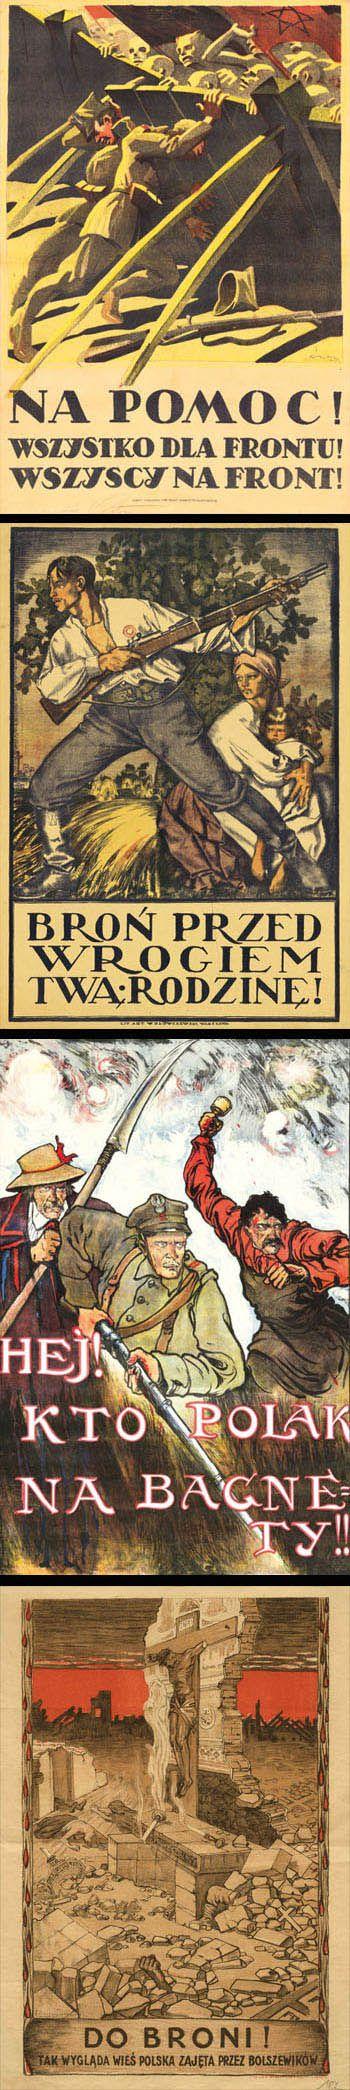 plakat_propagandowy_wojna_polsko_bolszewicka_1920_design_po_polsku